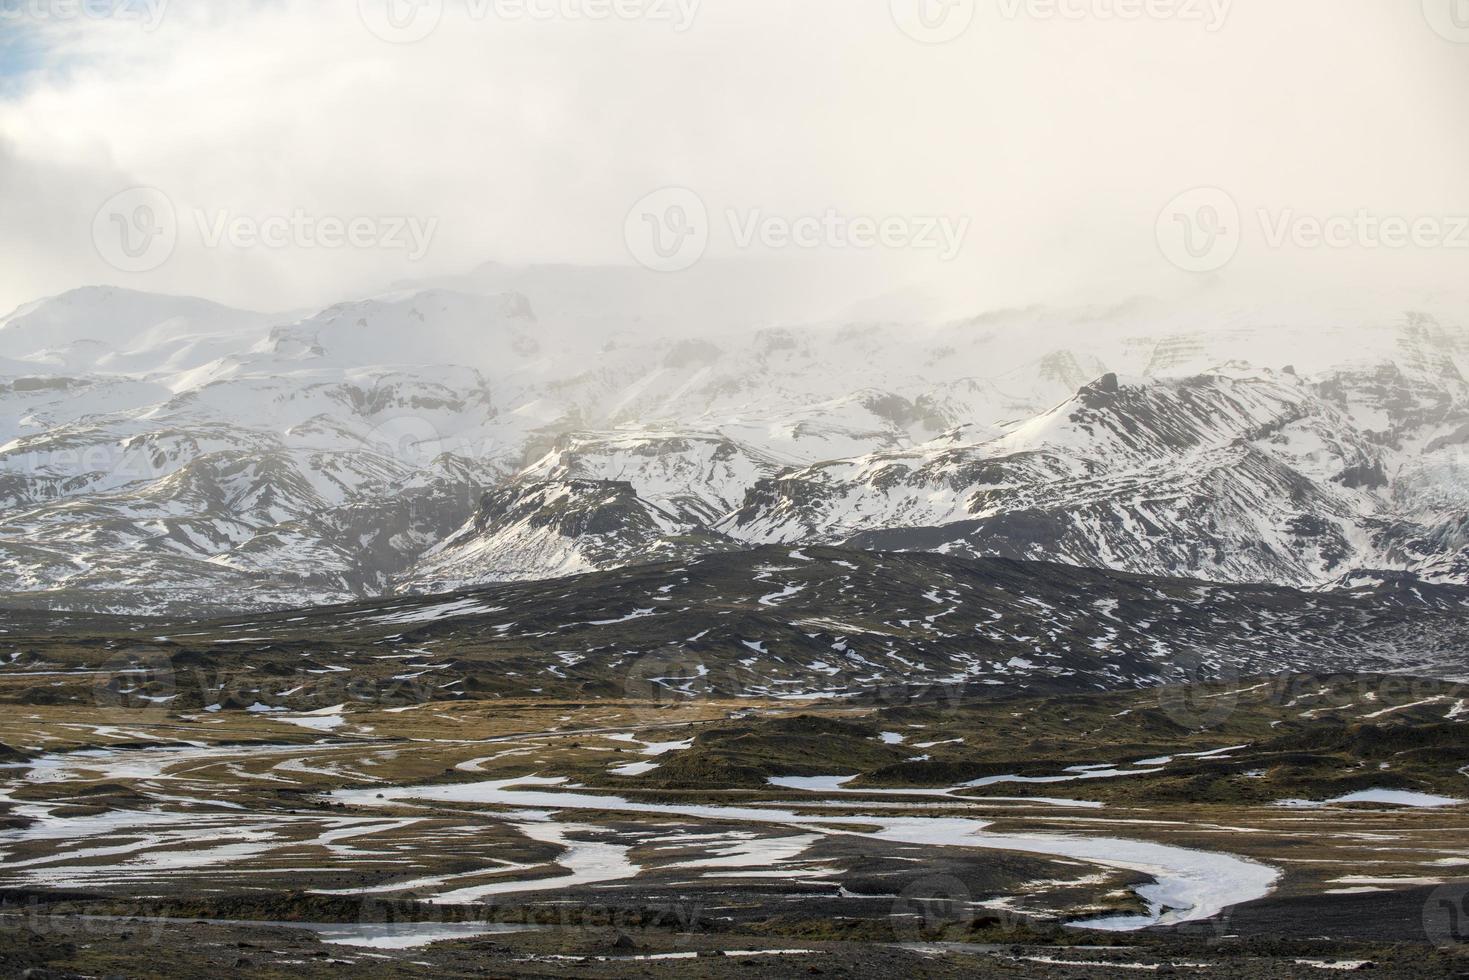 Landschaft mit Bergen und Schneesturmwolken, Winter, Island foto